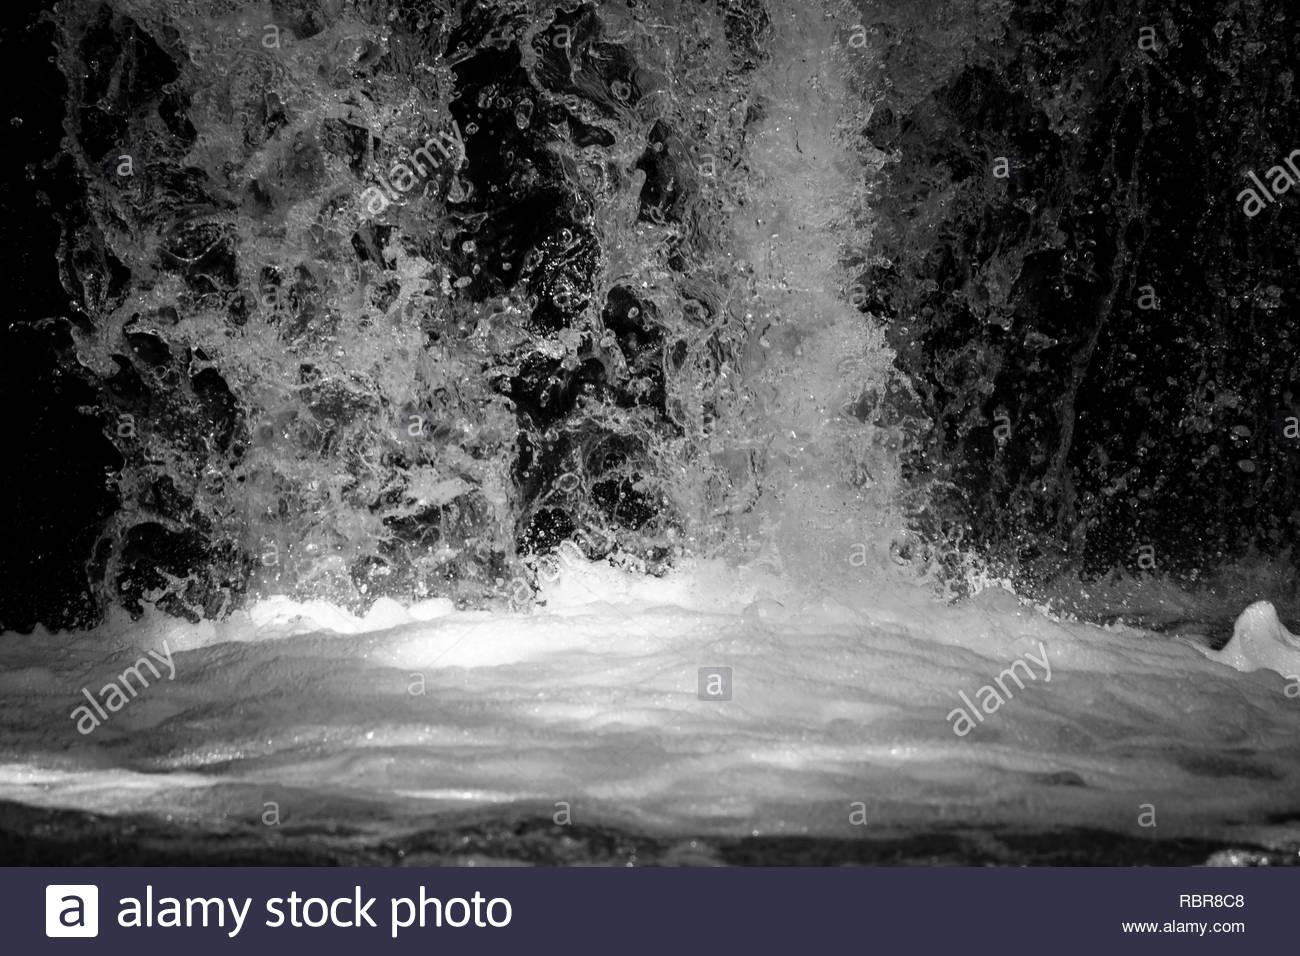 Fern Flat Waterfall - Stock Image